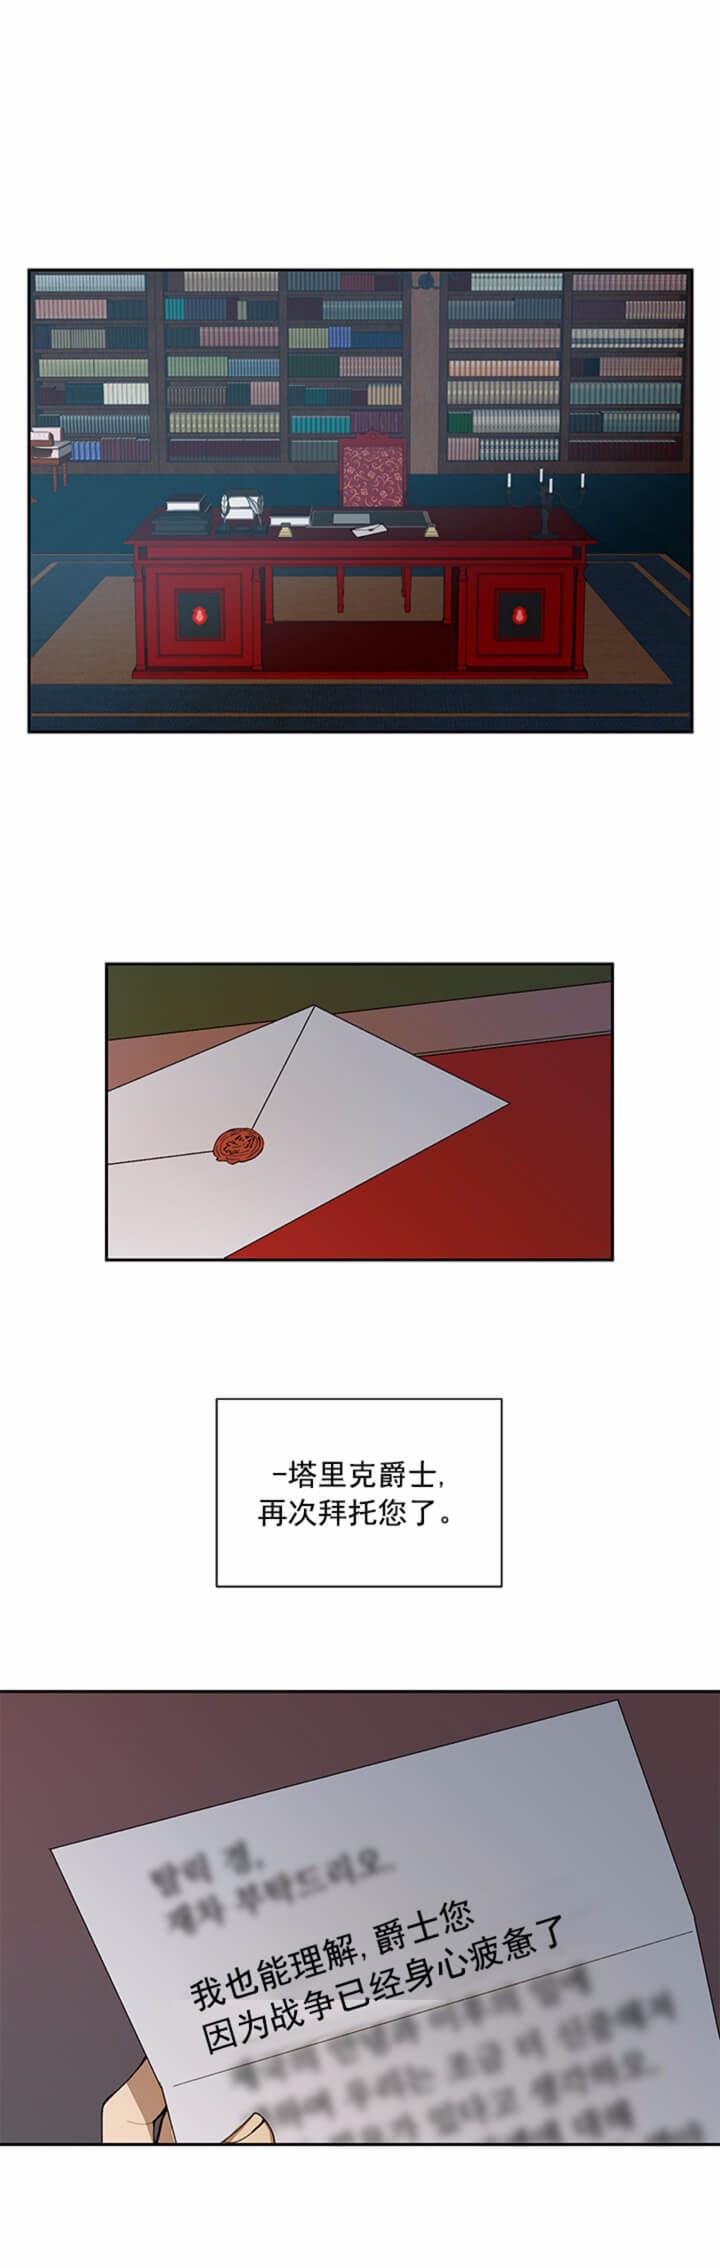 韩漫 |《谁在撒谎》表面忠诚骑士x危险人质王子,究竟谁在撒谎?  第10张